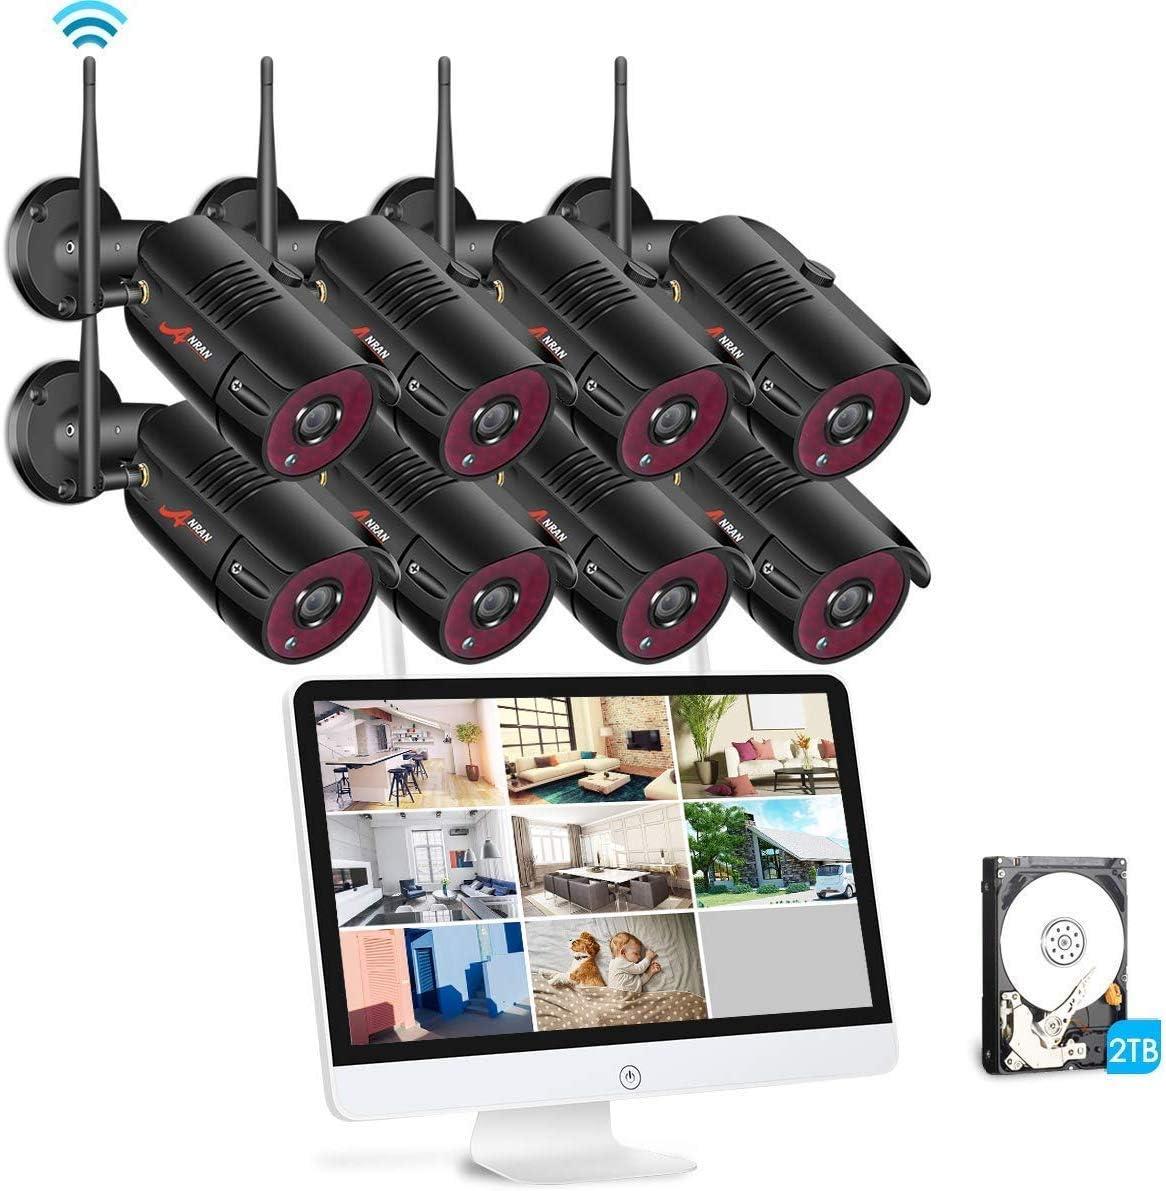 【Todo en Uno】SWINWAY 1080P Kit Cámaras Seguridad Inalambricas con Monitor de 15.6 Pulgadas 8CH Kit Videovigilancia WiFi con Pantalla 8 Cámaras de Vigilancia con 2TB HDD Dedección de Movimiento